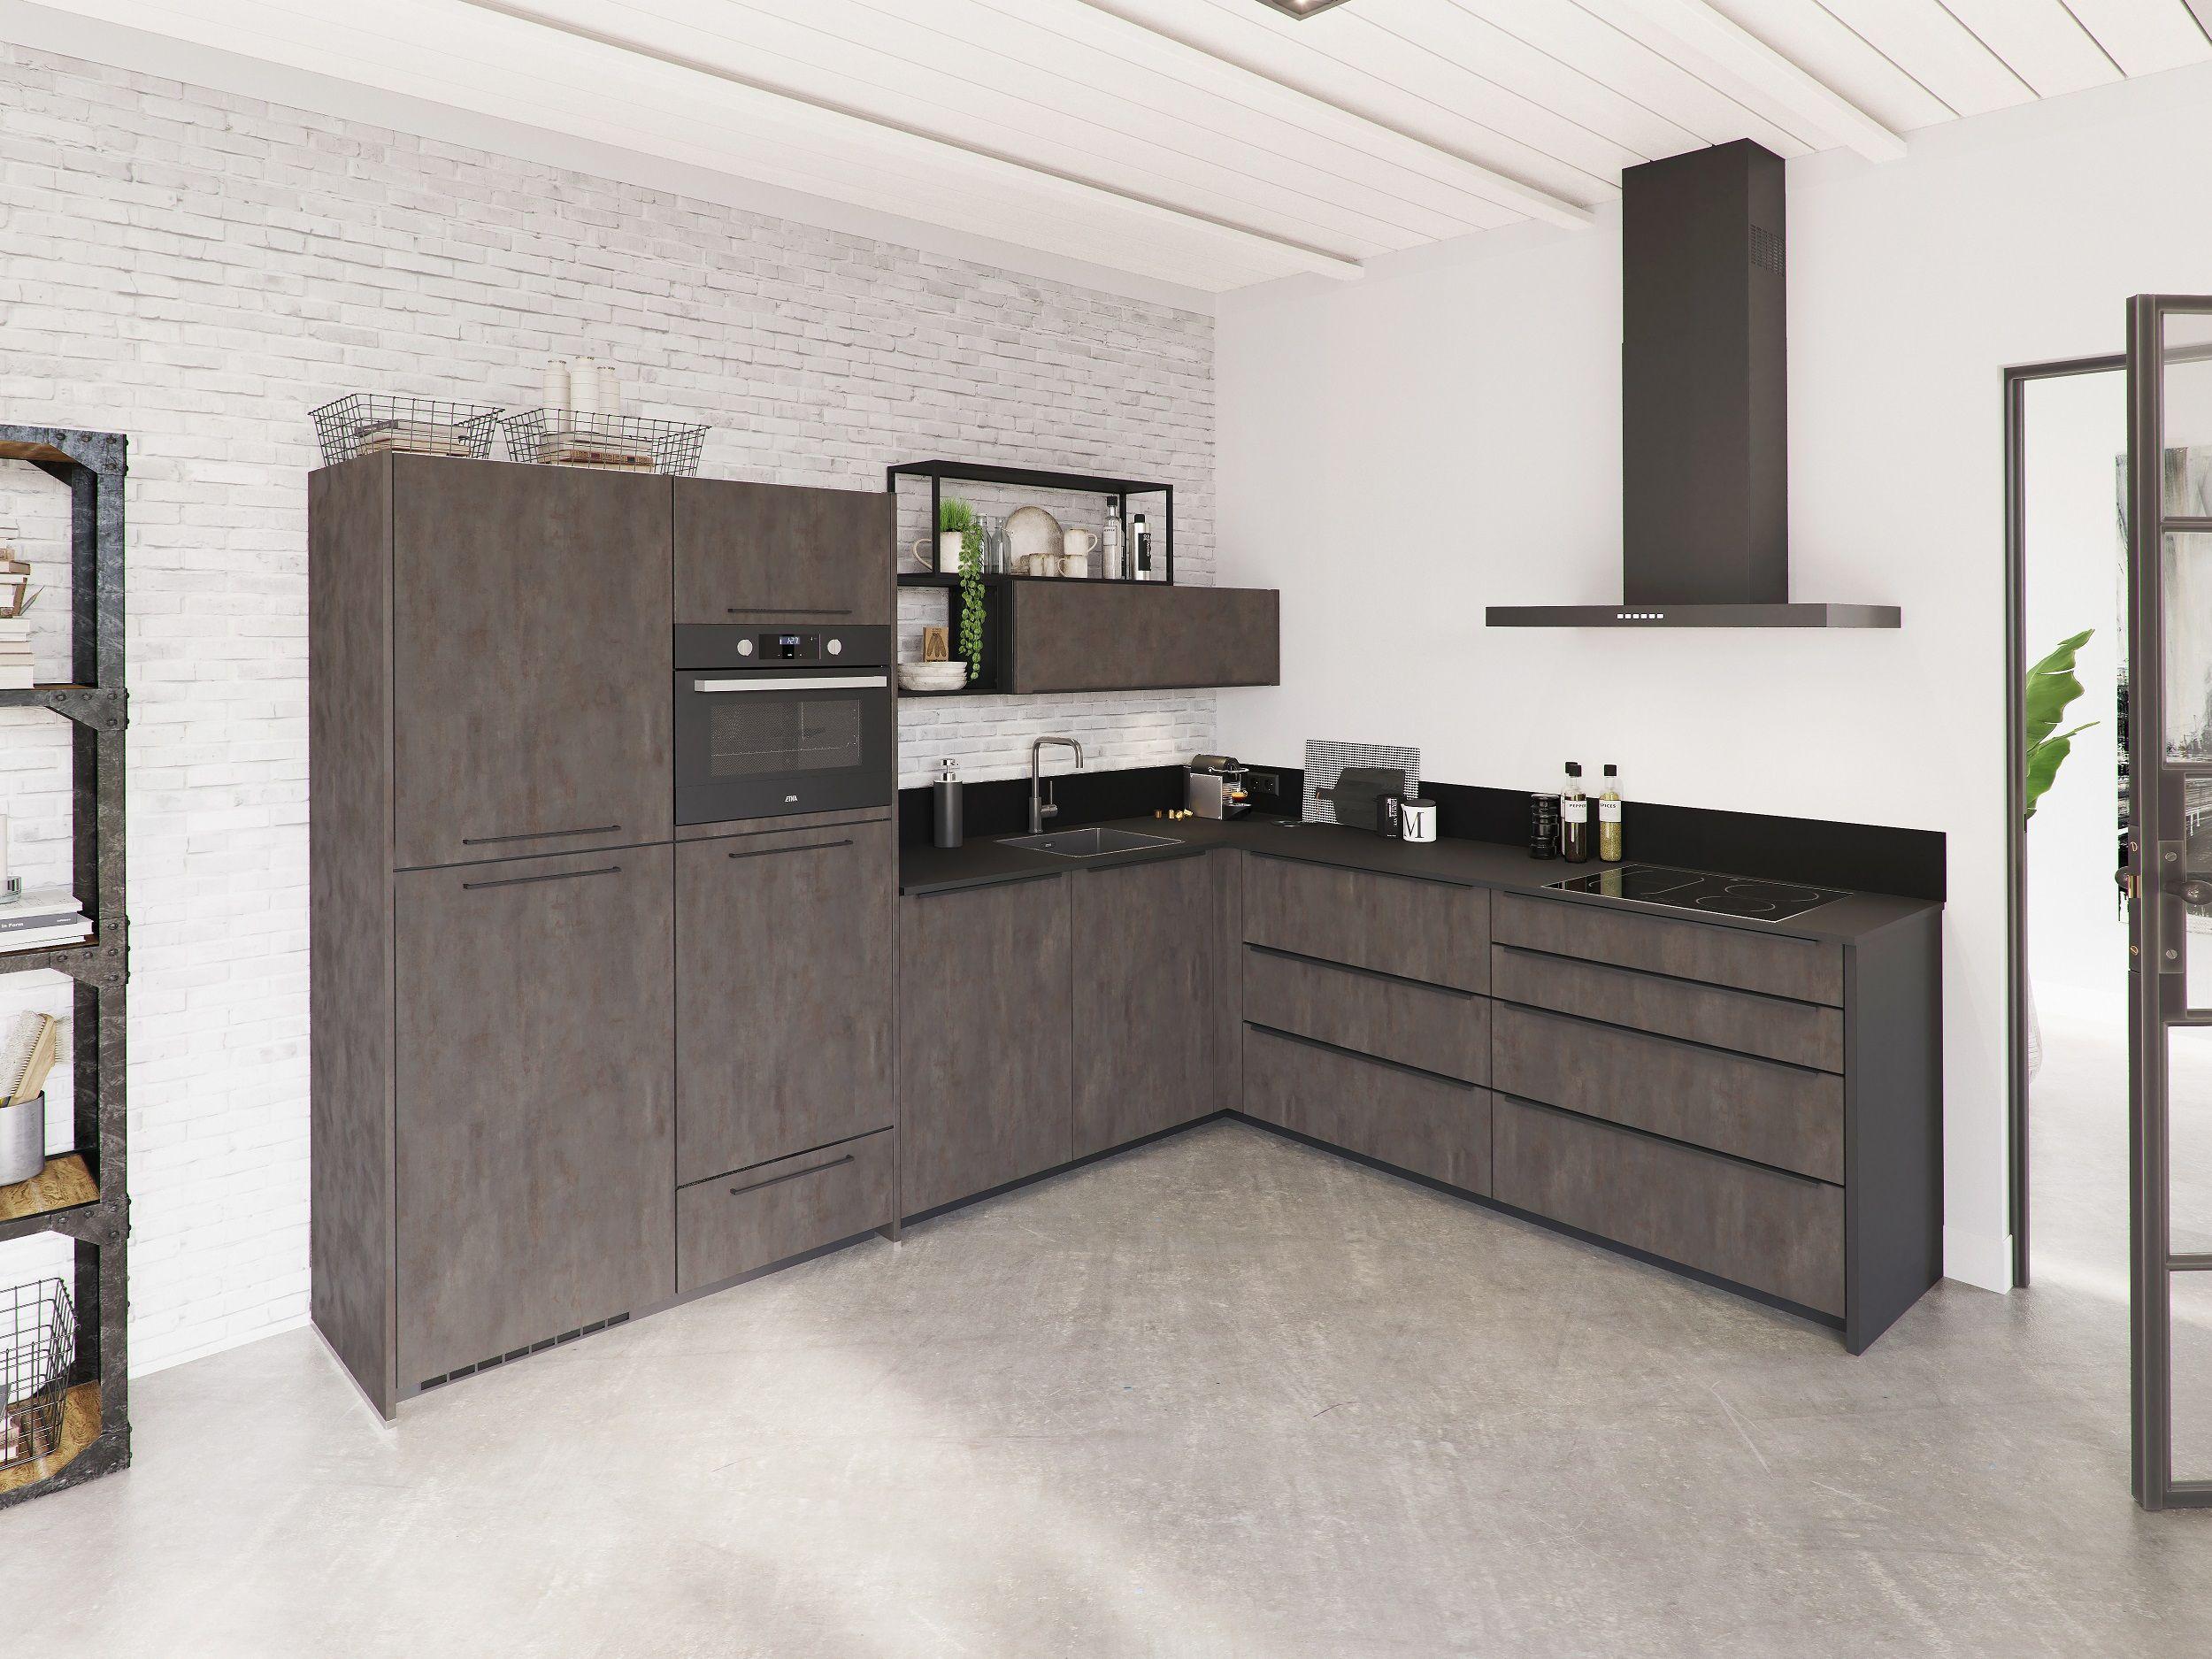 Nieuw in het assortiment een moderne keuken met industriële